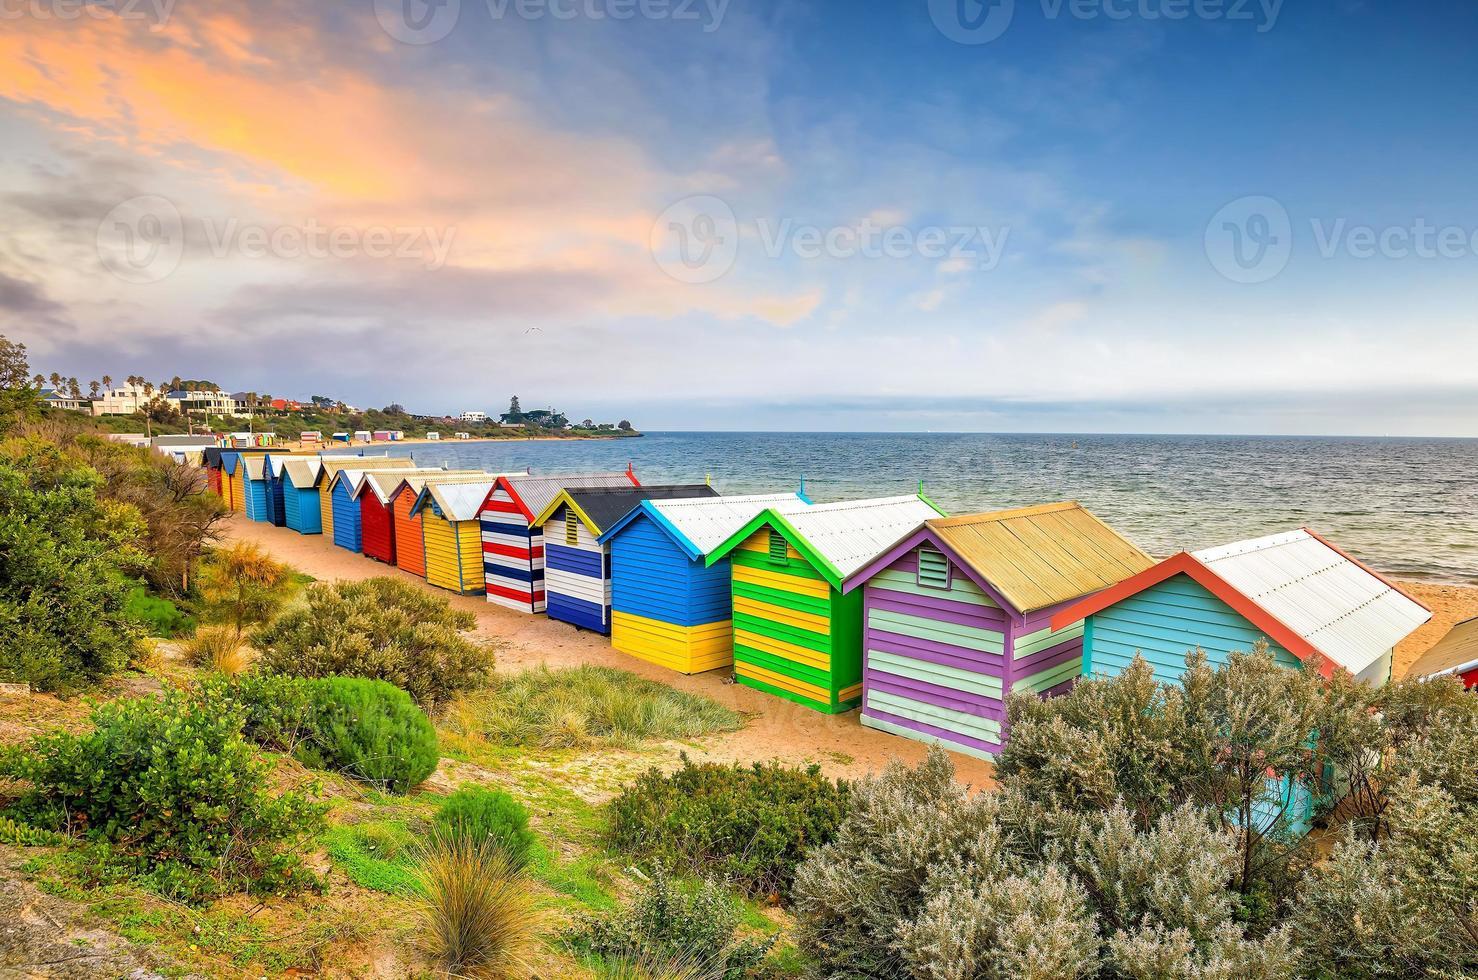 colorata casa sulla spiaggia a brighton beach, melbourne foto